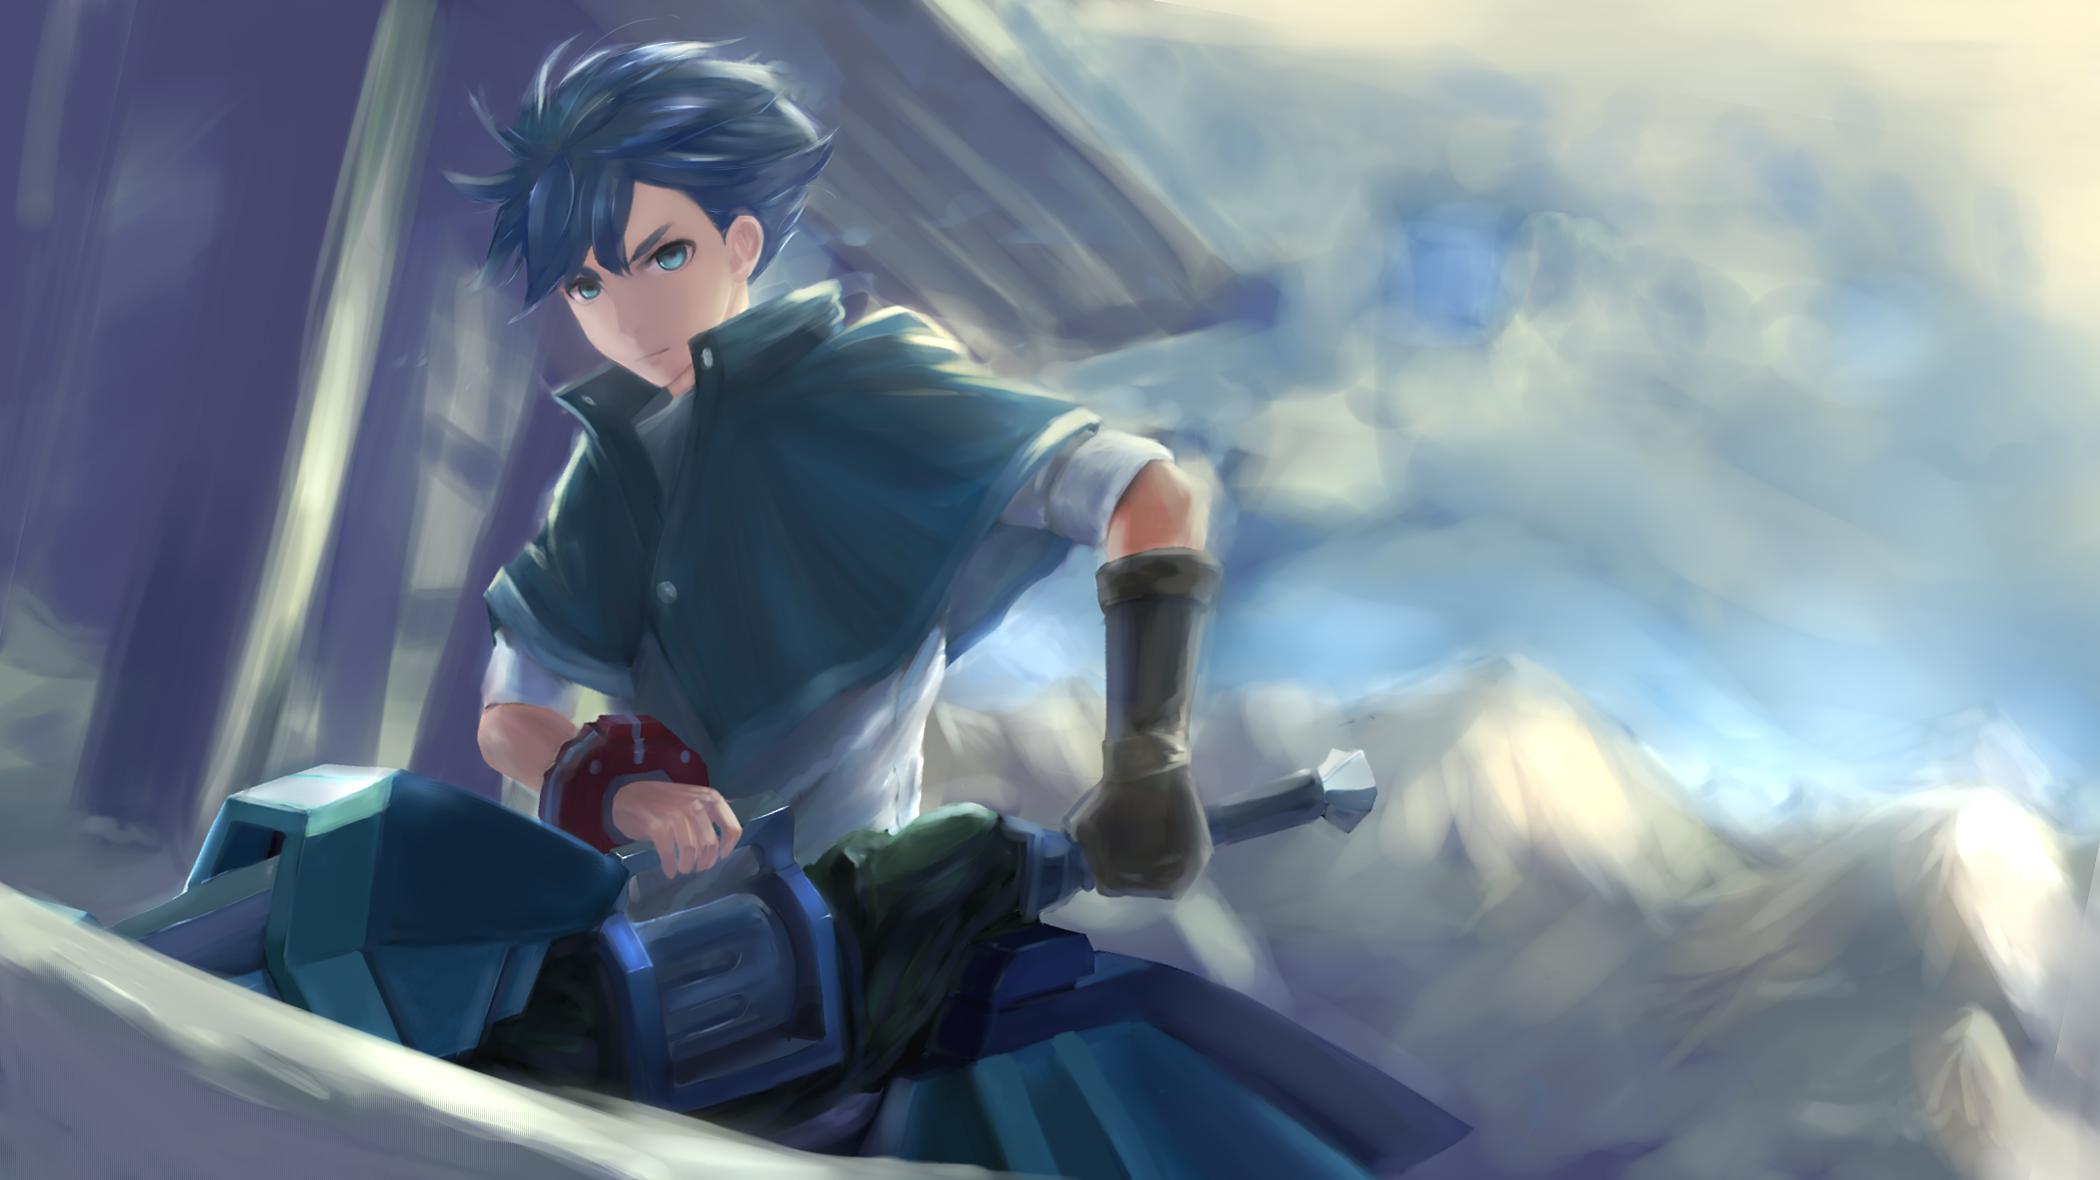 Anime God Eater Utsugi Lenka Wallpaper Anime Boy Amagi